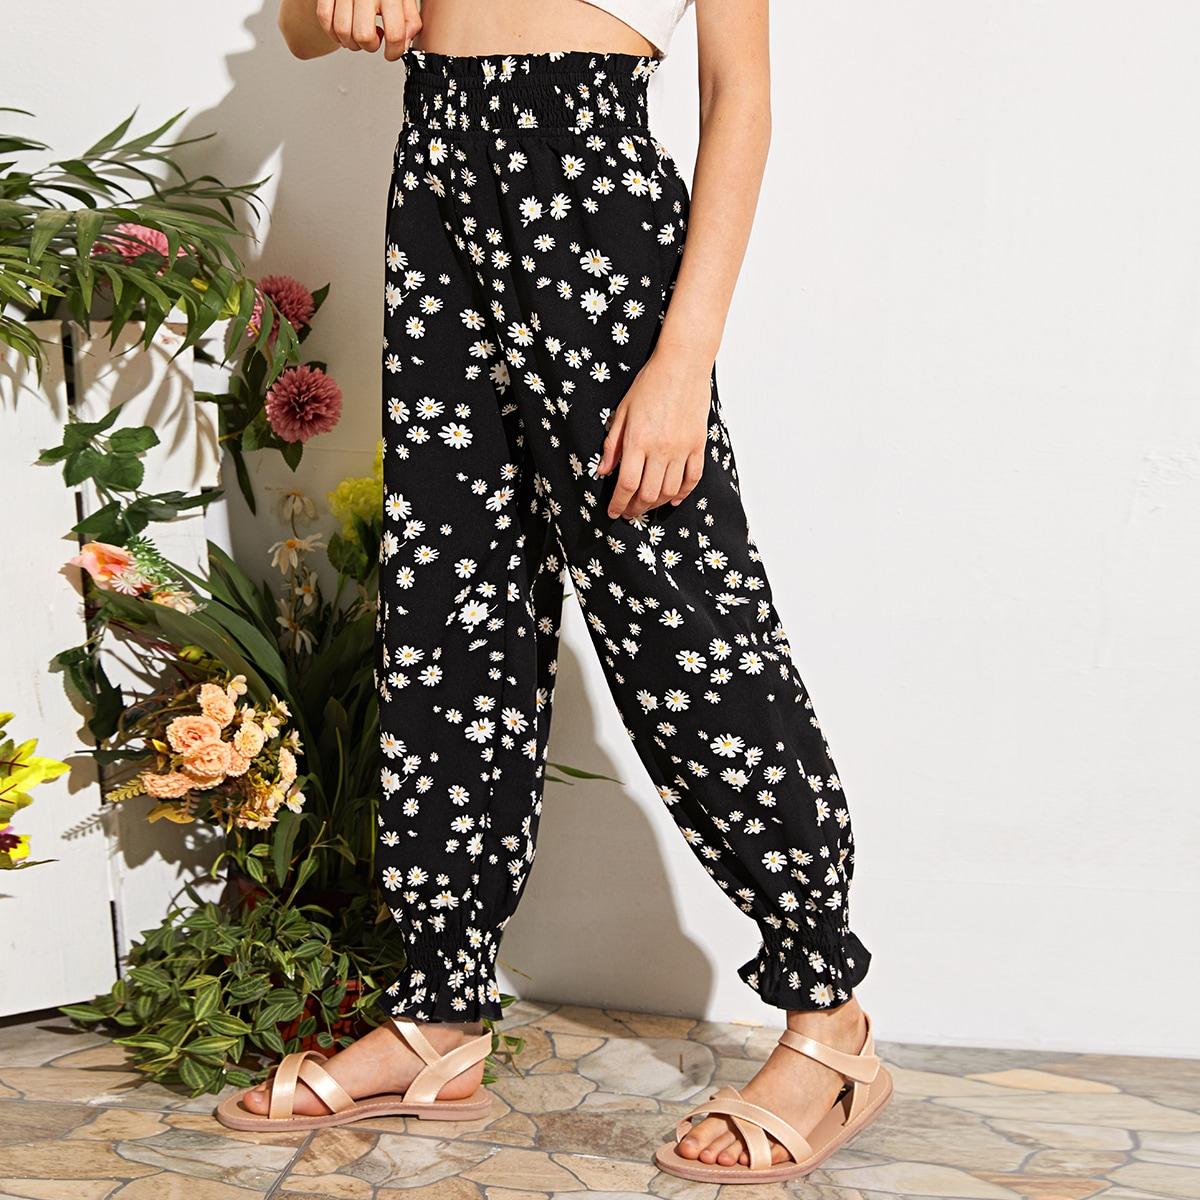 SHEIN / Hose mit gerafftem Einsatz, Papiertasche um die Taille und Gänseblümchen Muster